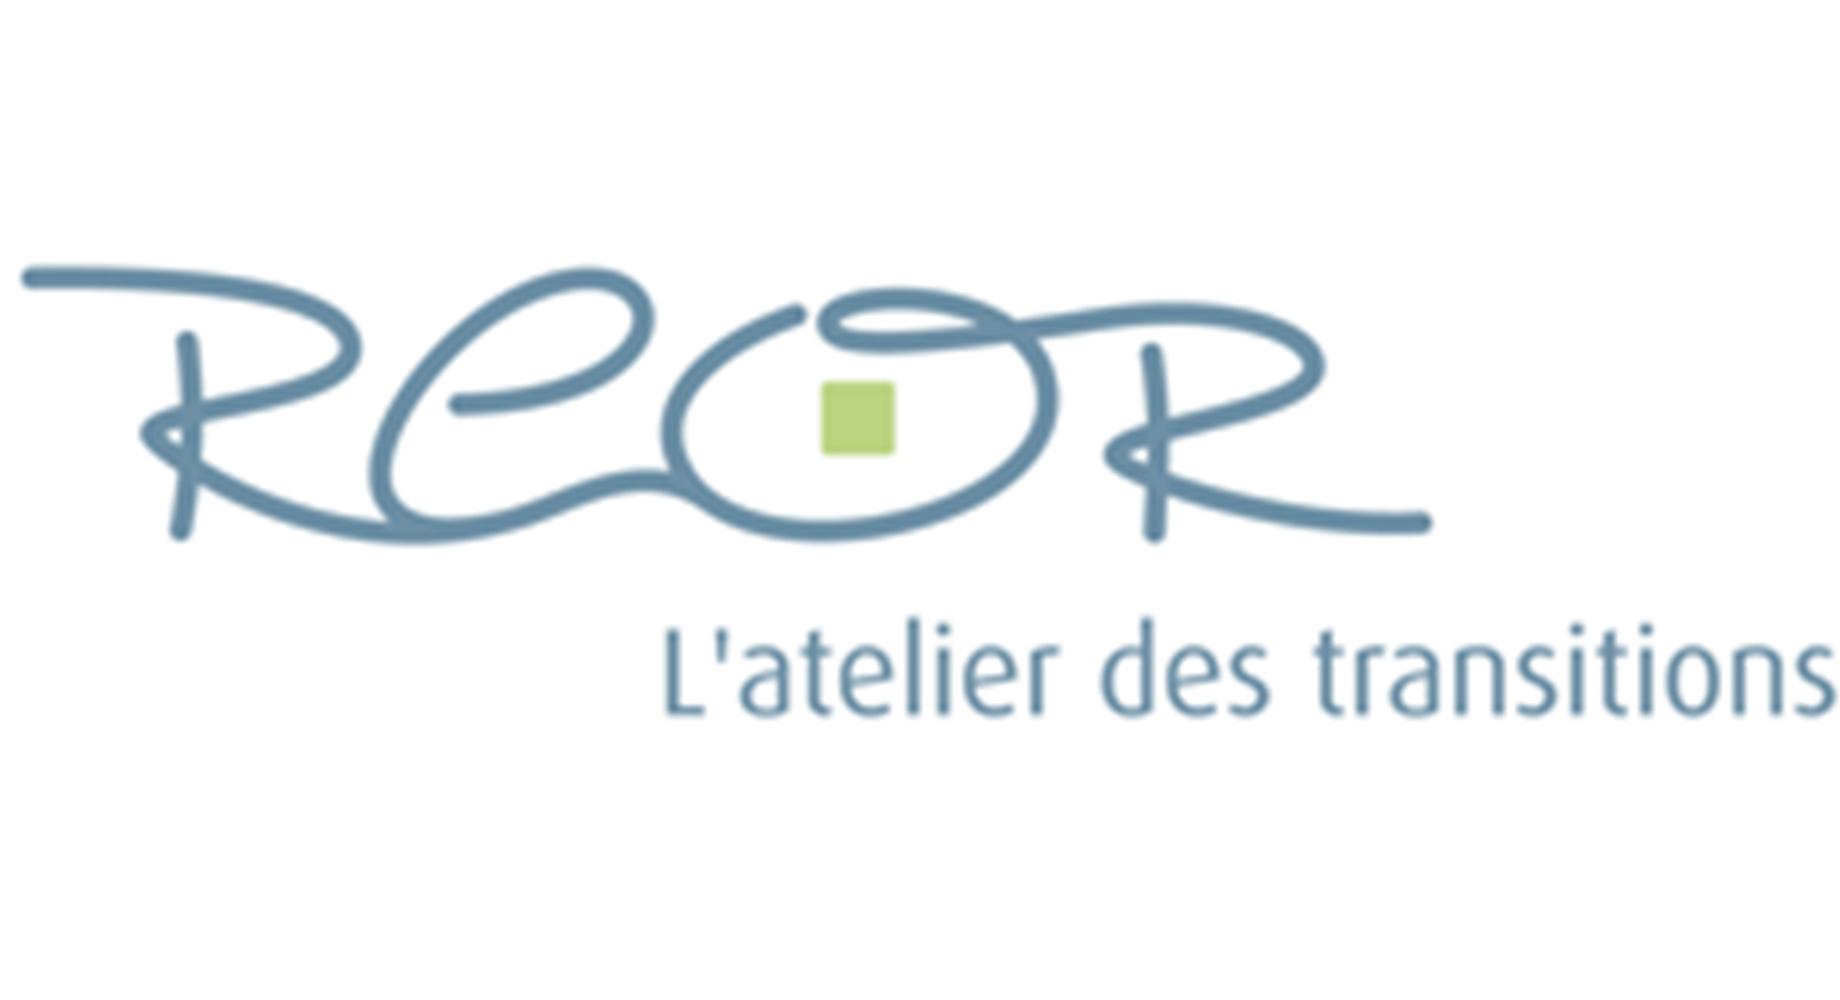 reor_logo